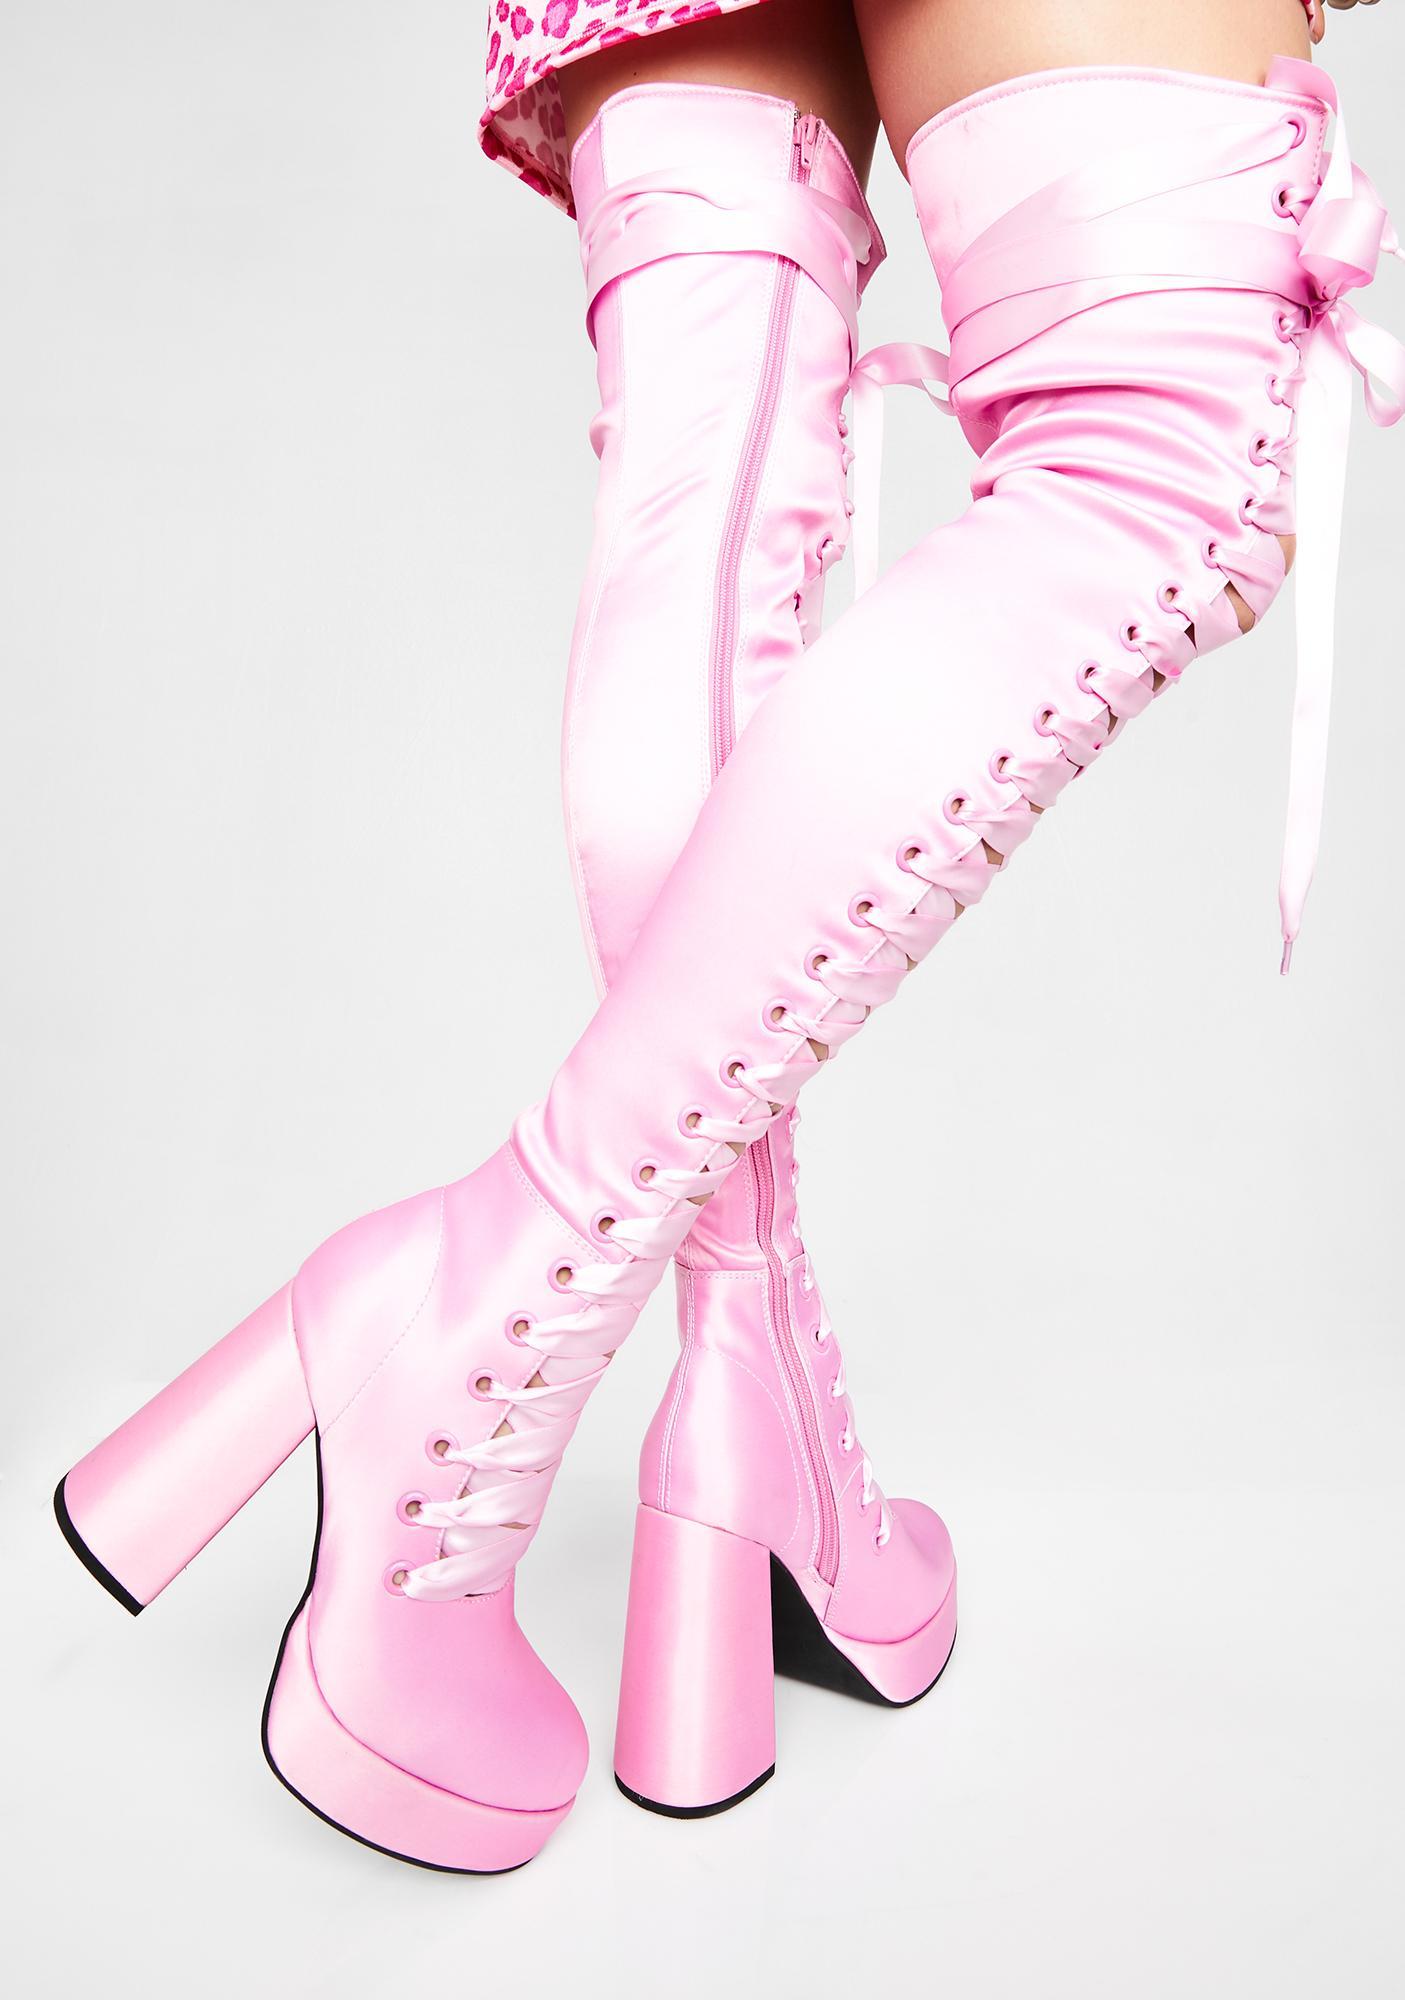 Sugar Thrillz Dollhouse Diva Thigh High Boots